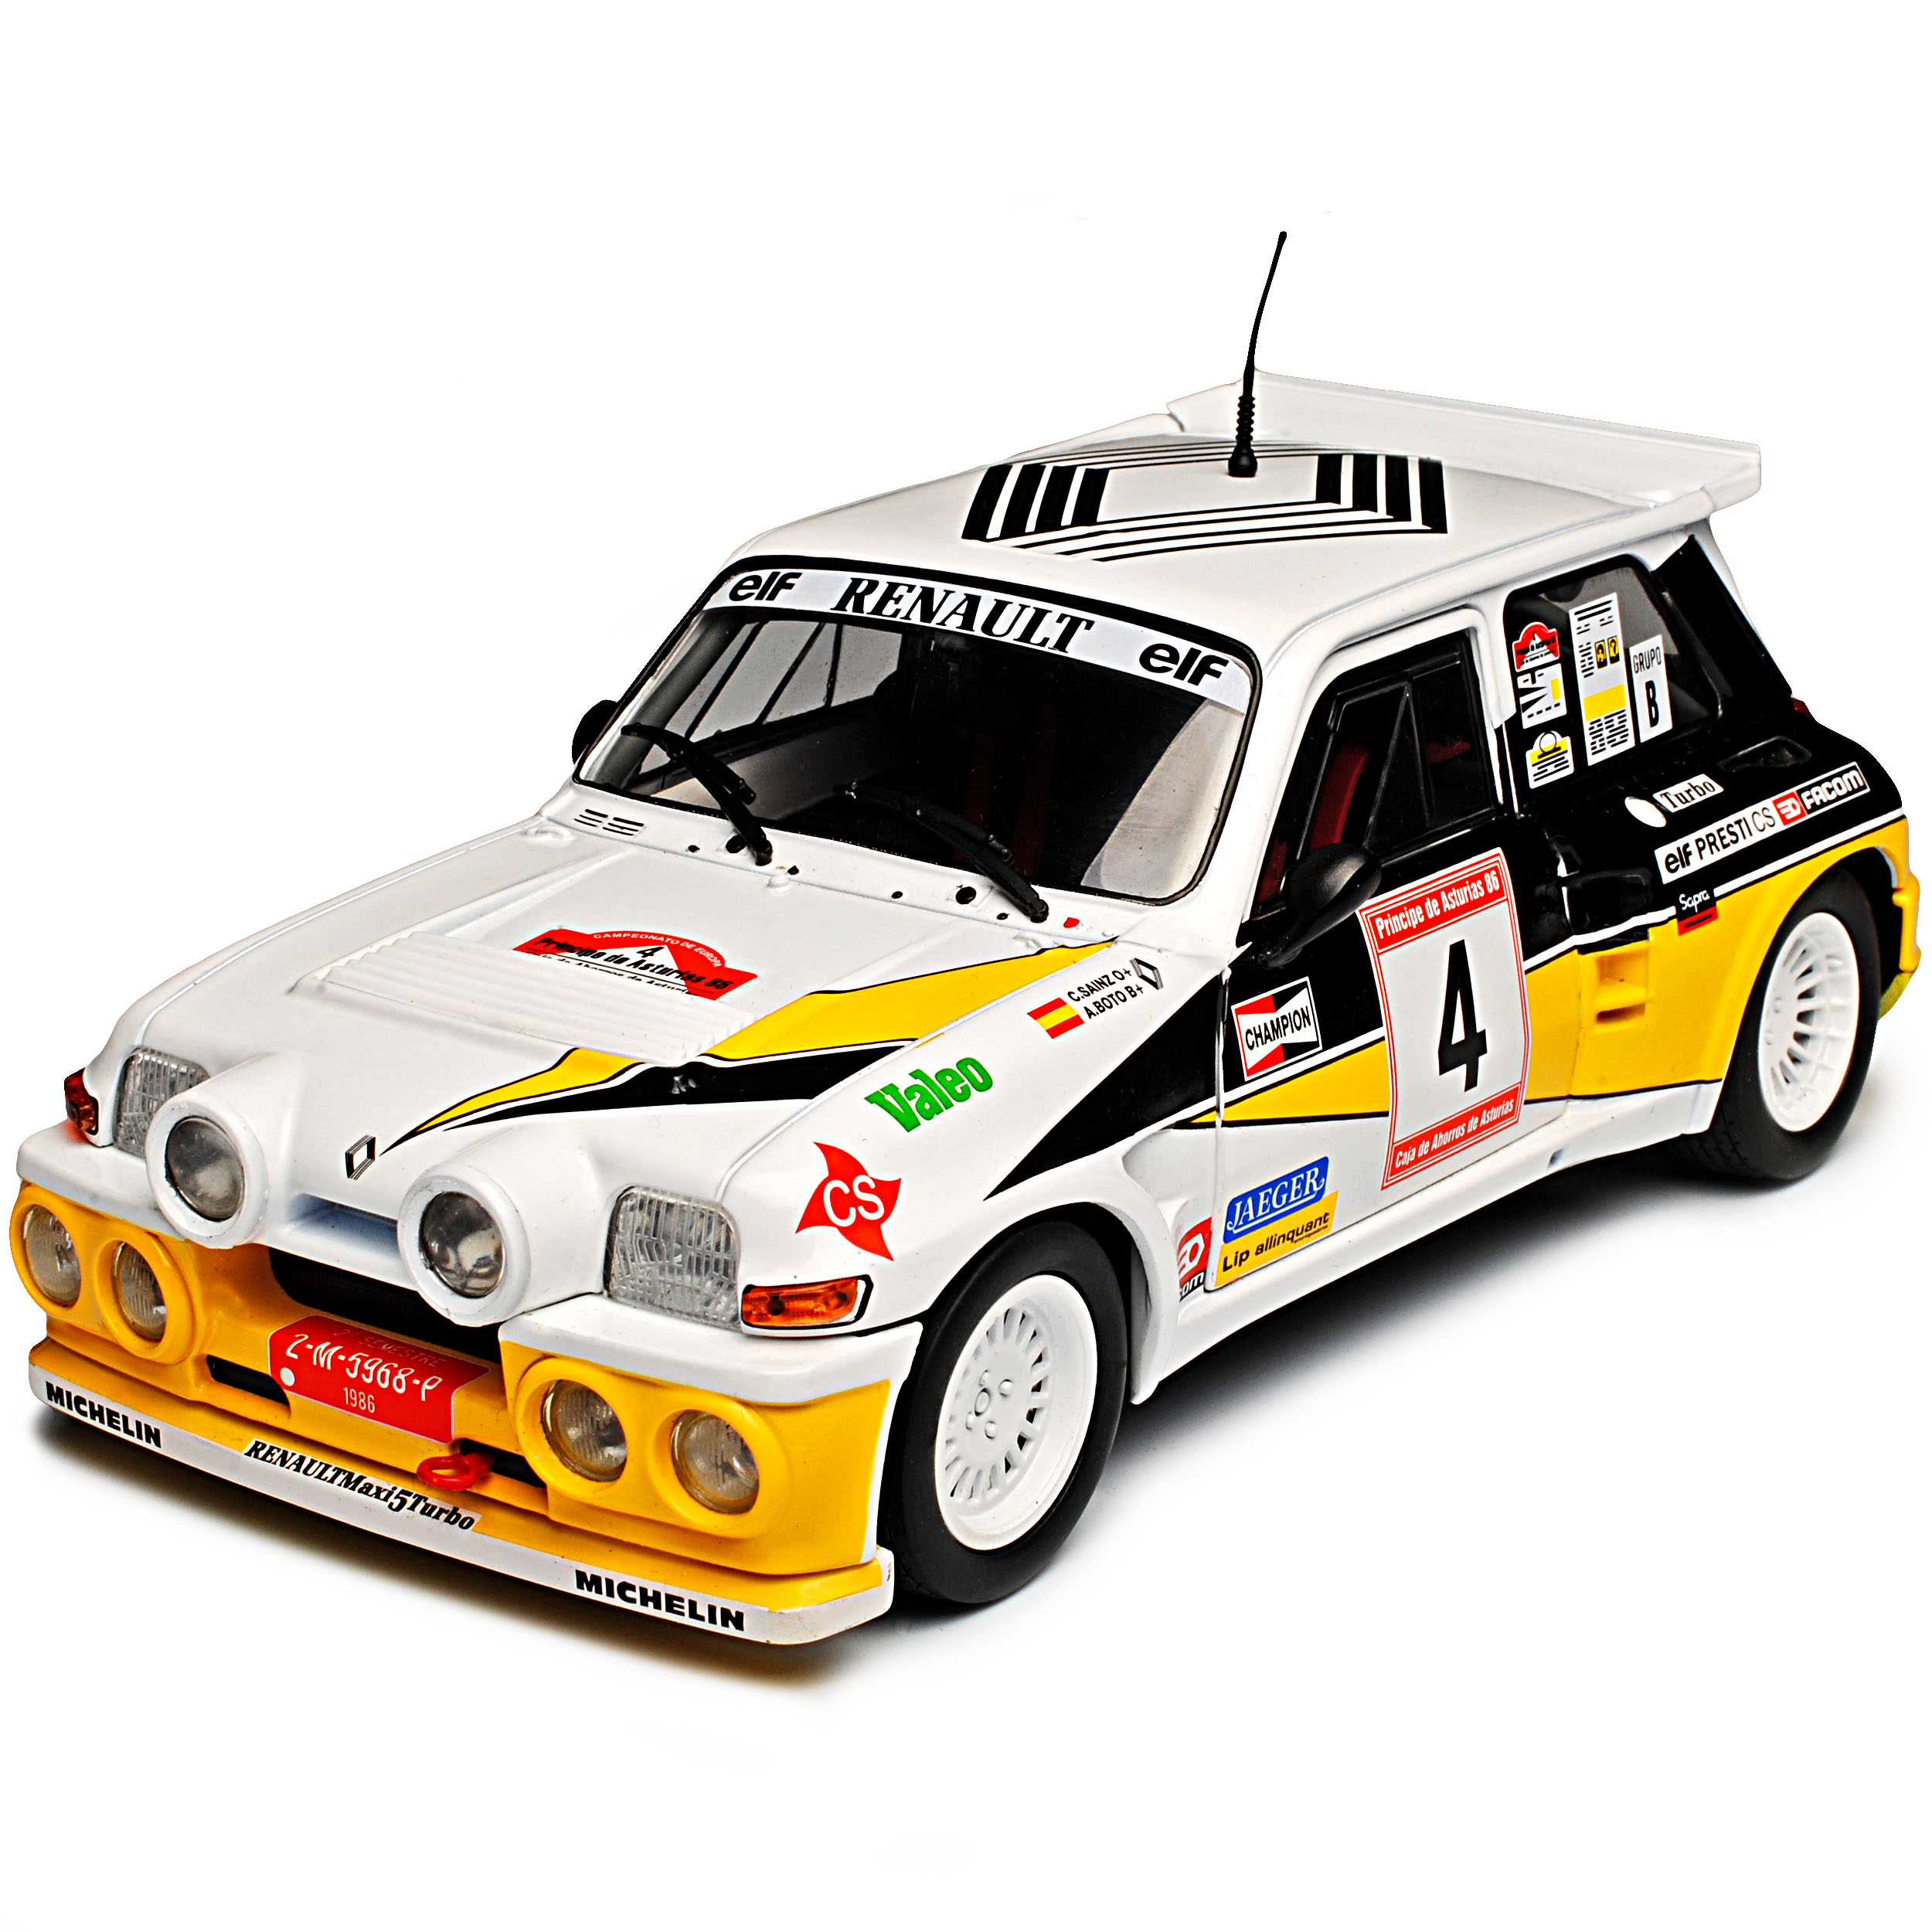 Renault R5 Turbo Maxi Rally Rallye Asturias Asturias Asturias Sainz 1. Generation 1972-1985 1 18.. a9ac2f